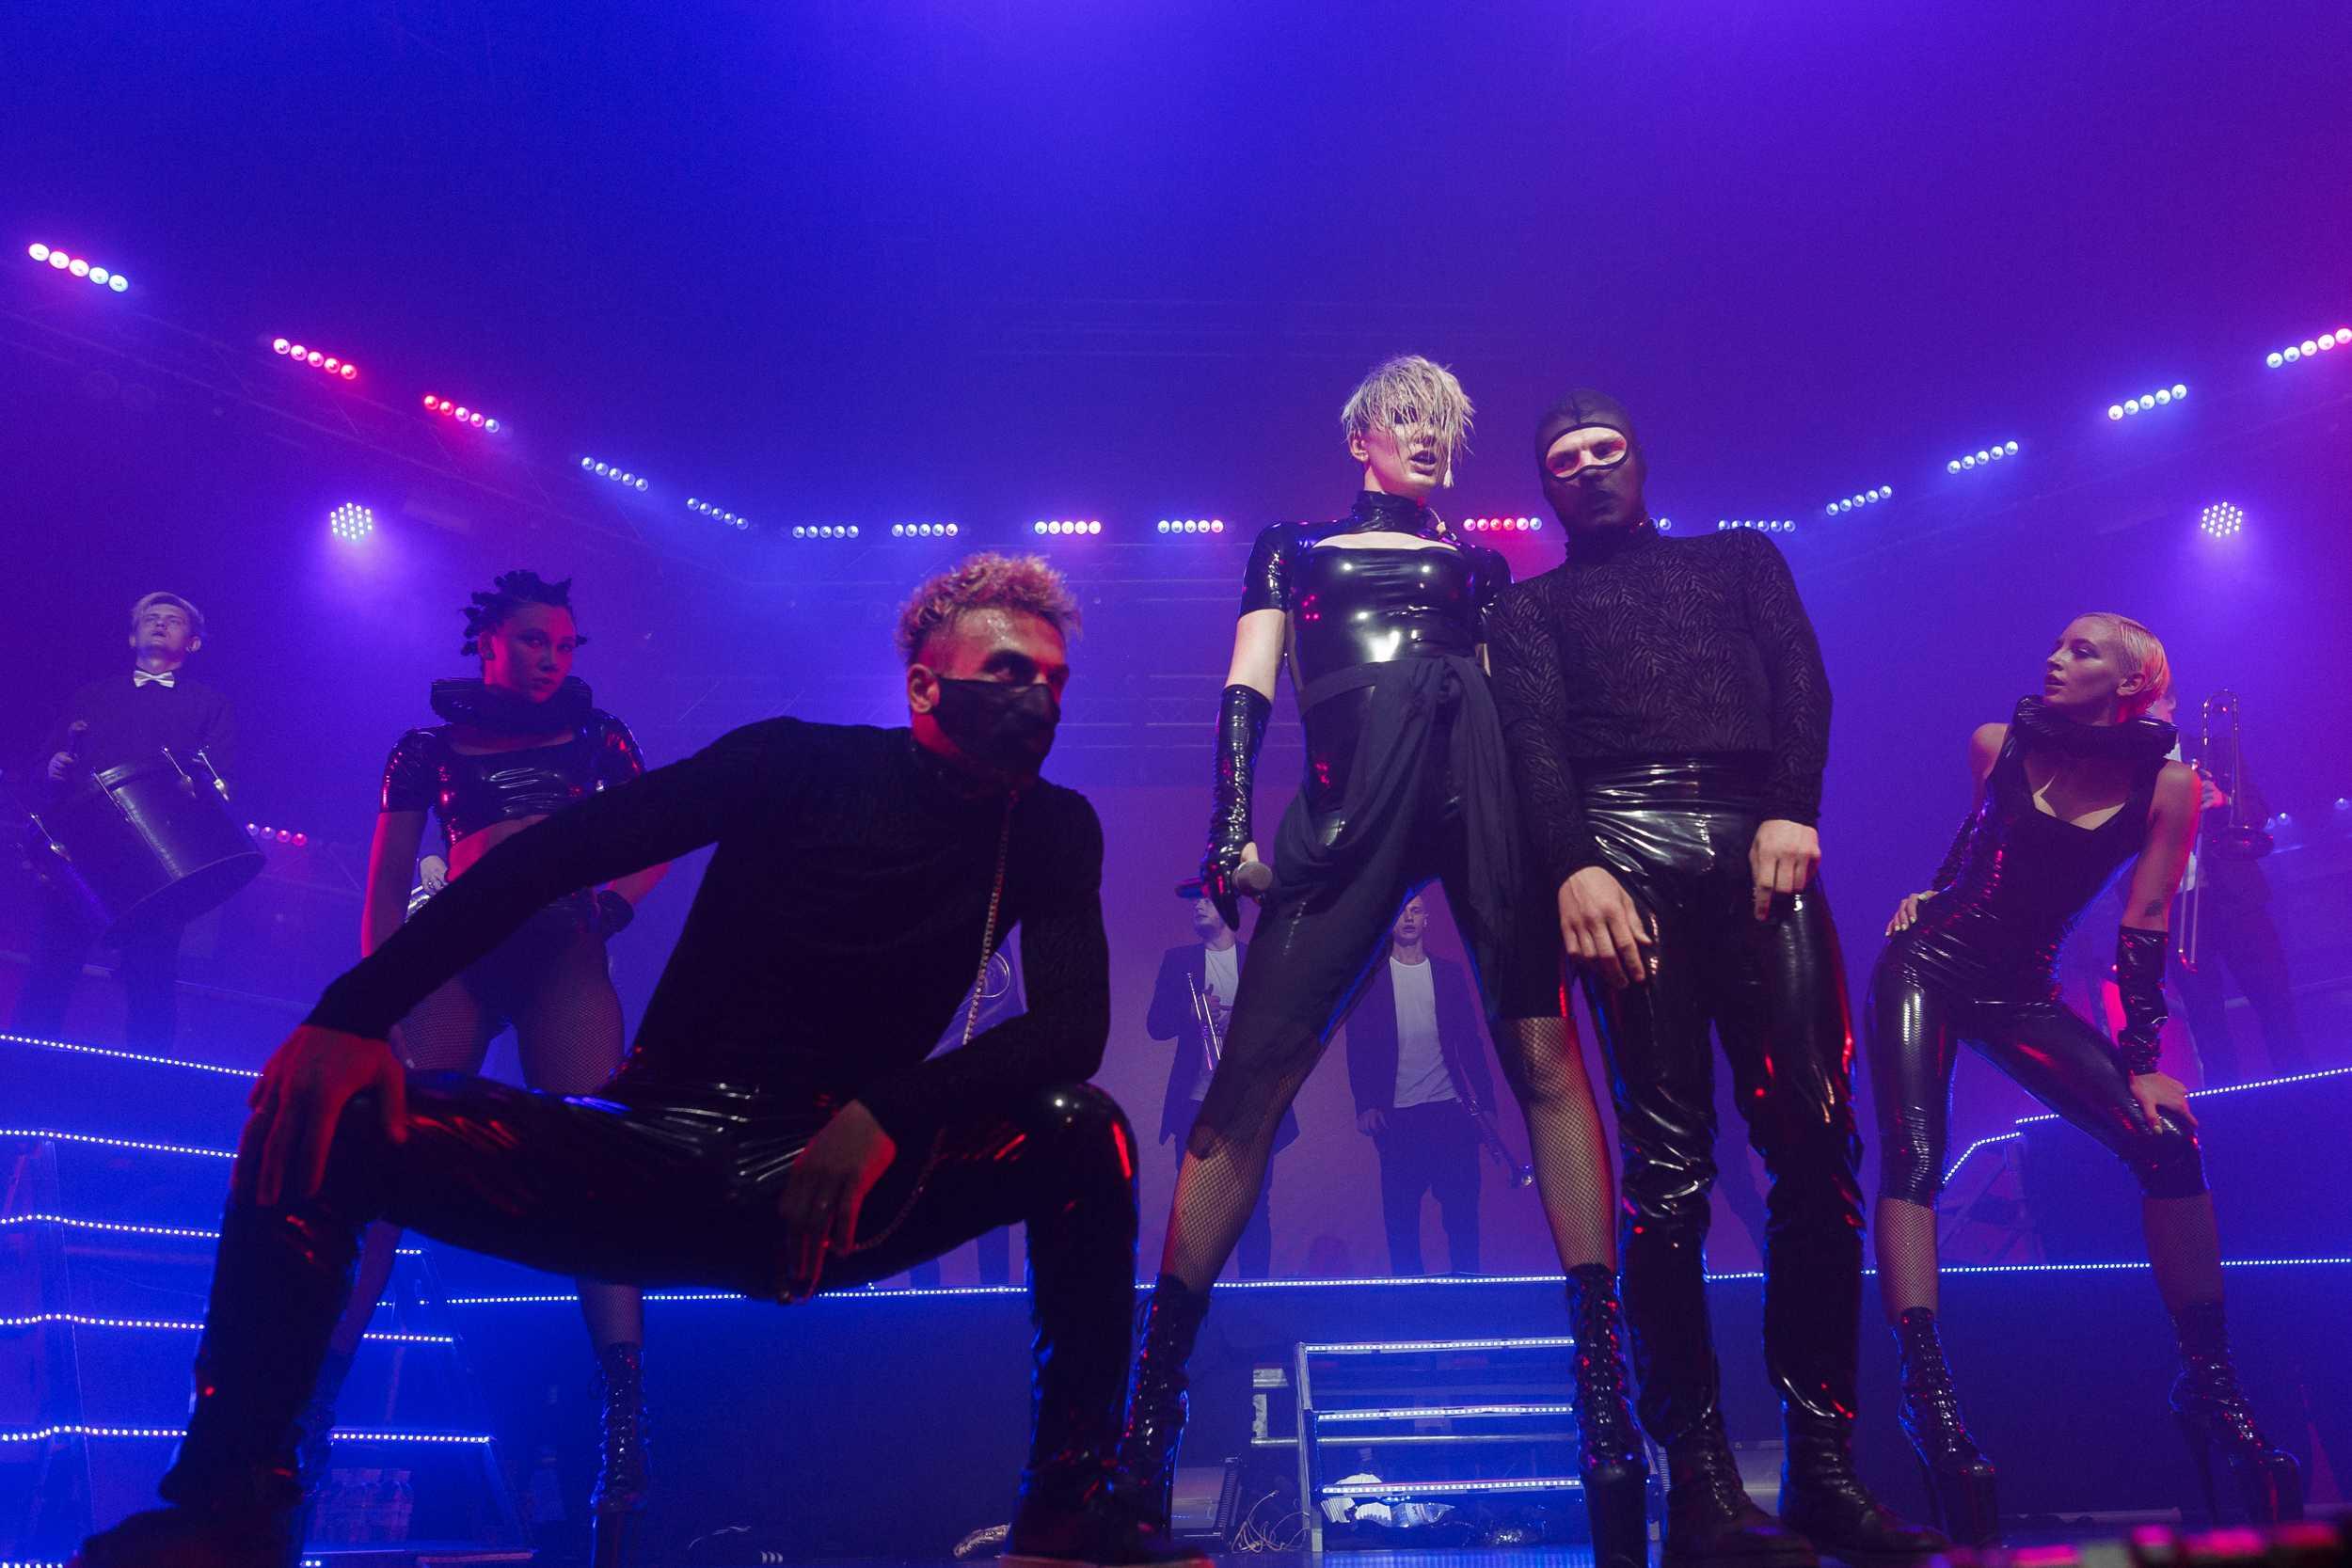 MARUV на первом сольном концерте заставила Киев покрыться семью потами 1